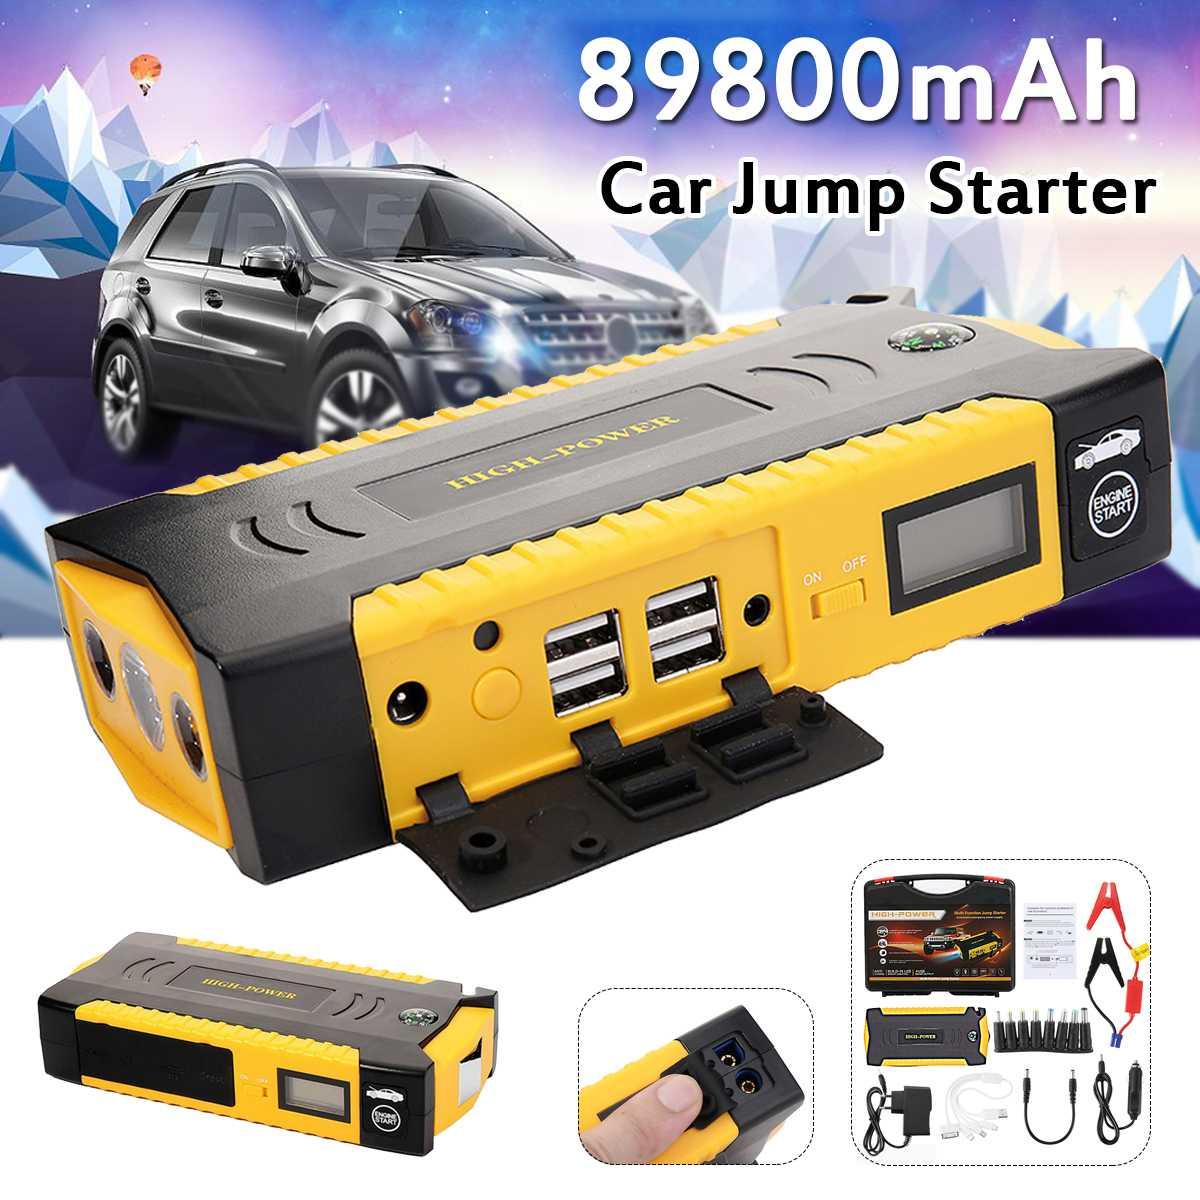 Voiture Diesels saut démarreur Booster 89800 mAh 4USB chargeur de secours batterie multifonction batterie externe pour Diesels voiture véhicule